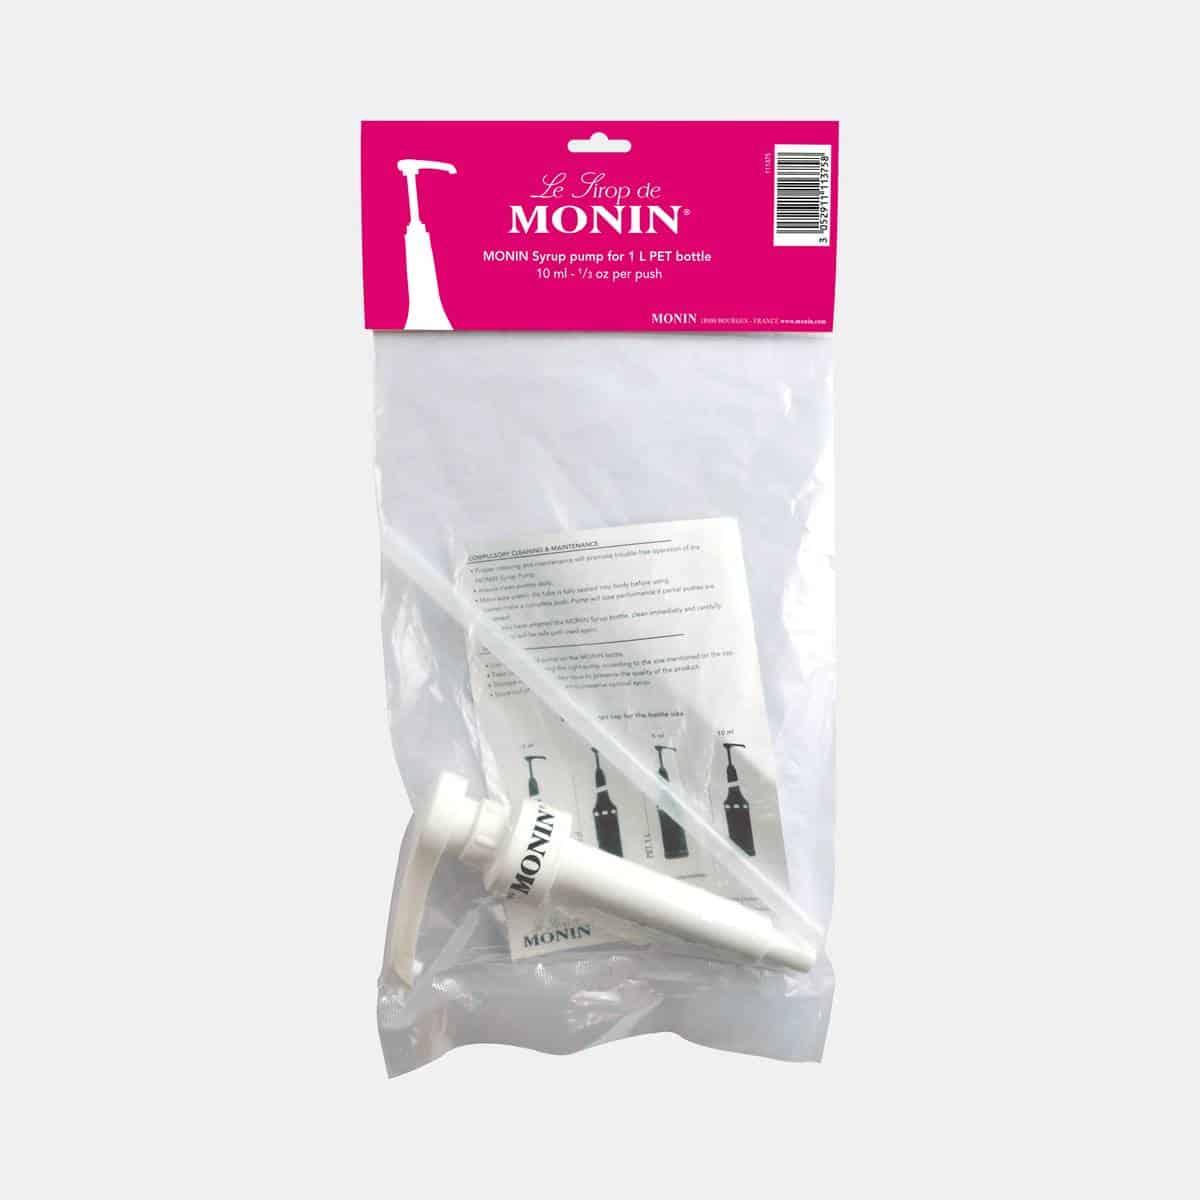 Monin 10ml Syrup Pump for 1 Liter Plastic Bottles